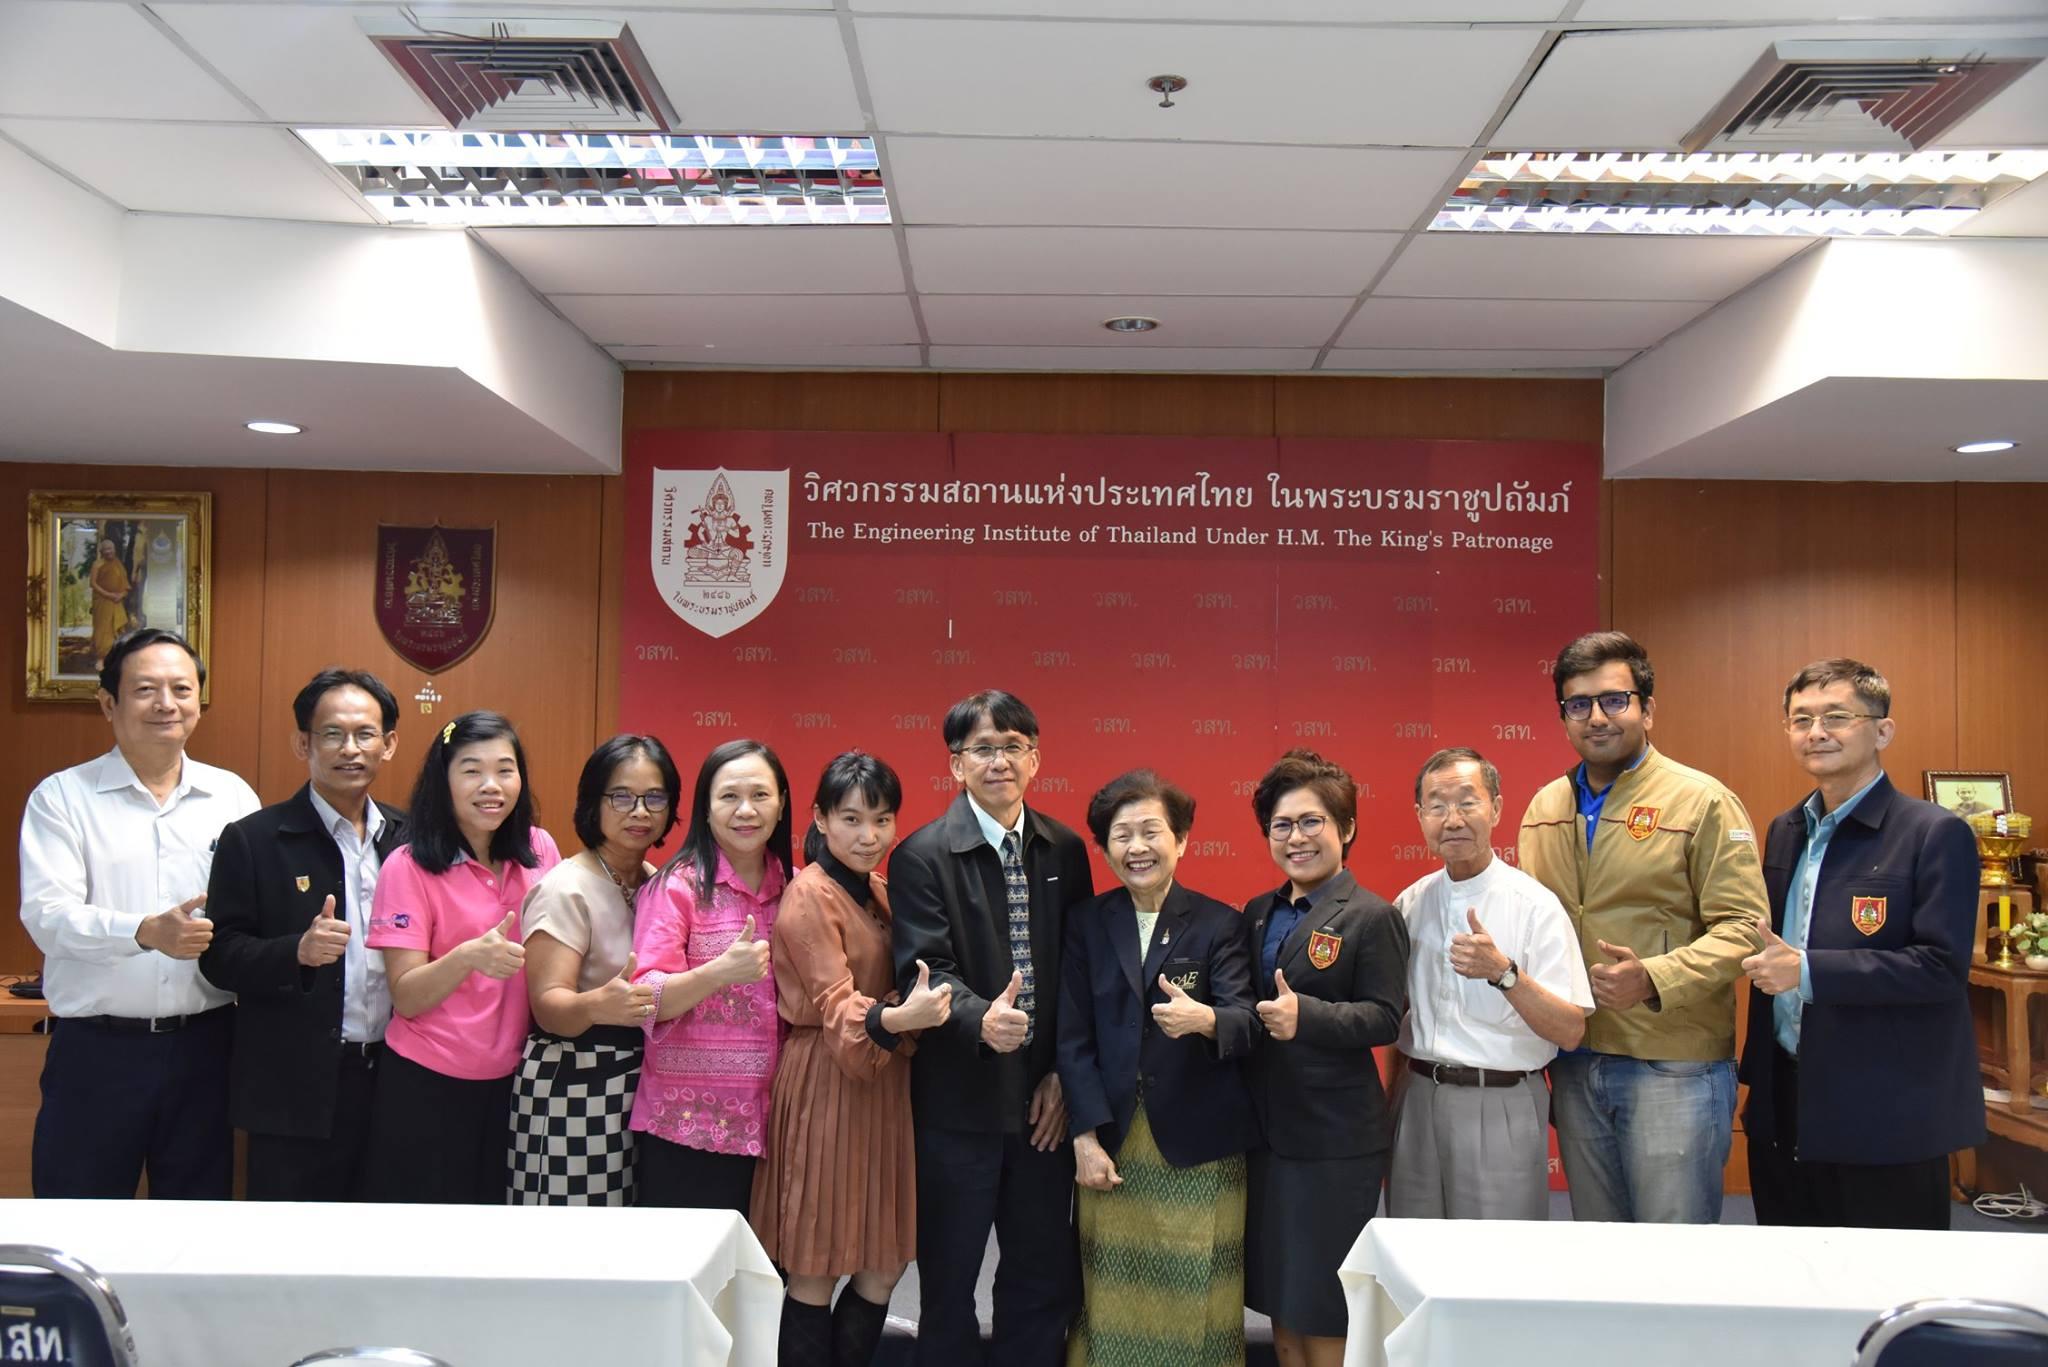 """วิศวกรรมสถานแห่งประเทศไทยฯ ได้รับเป็นองค์กรกำหนดมาตรฐานแห่งชาติจาก สมอ. คณะกรรมการนโยบายมาตรฐาน จัดการอบรมเชิงปฏิบัติการเรื่อง """"การกำหนดมาตรฐานแห่งชาติ SDOs"""""""